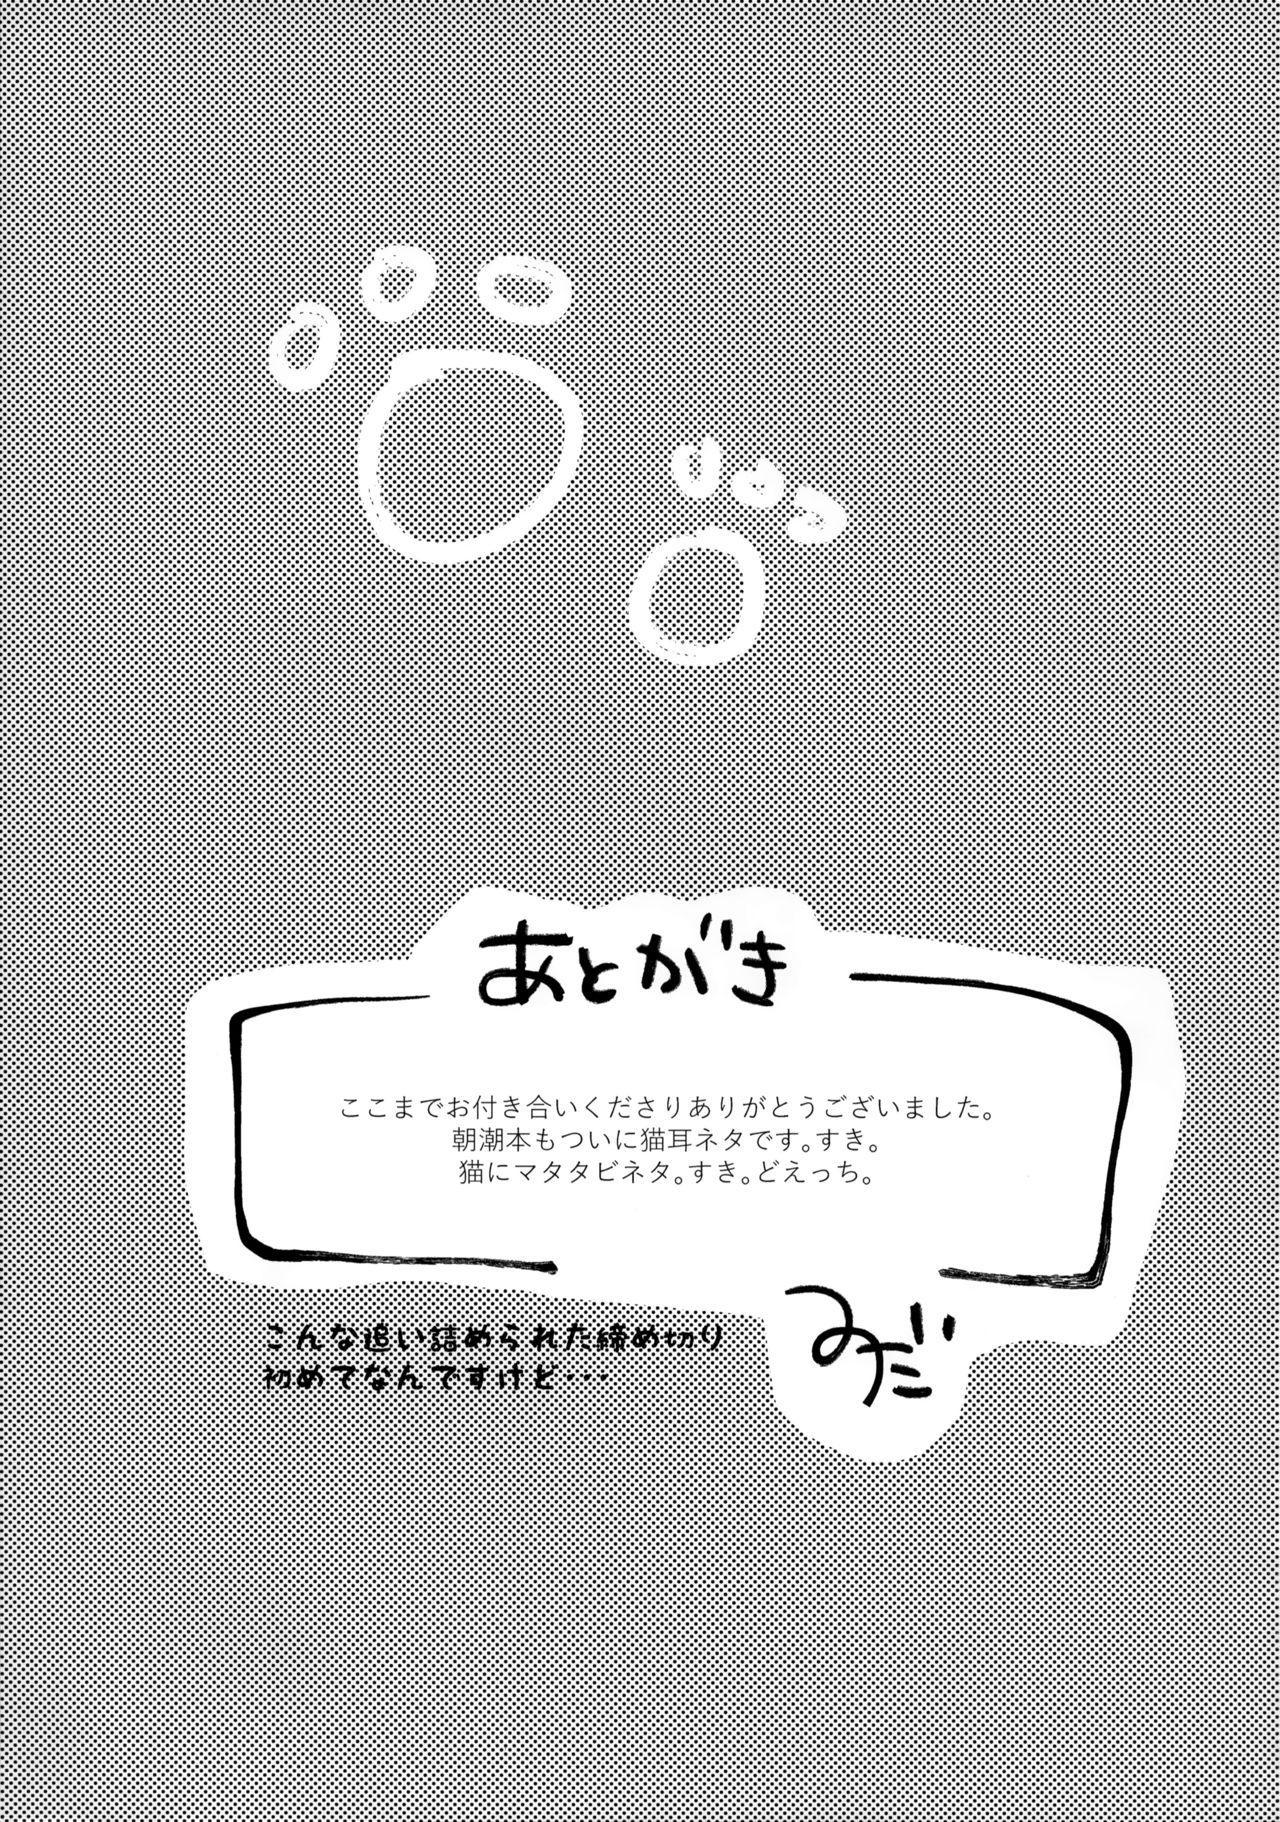 Nyasashio Hajimemashita 20